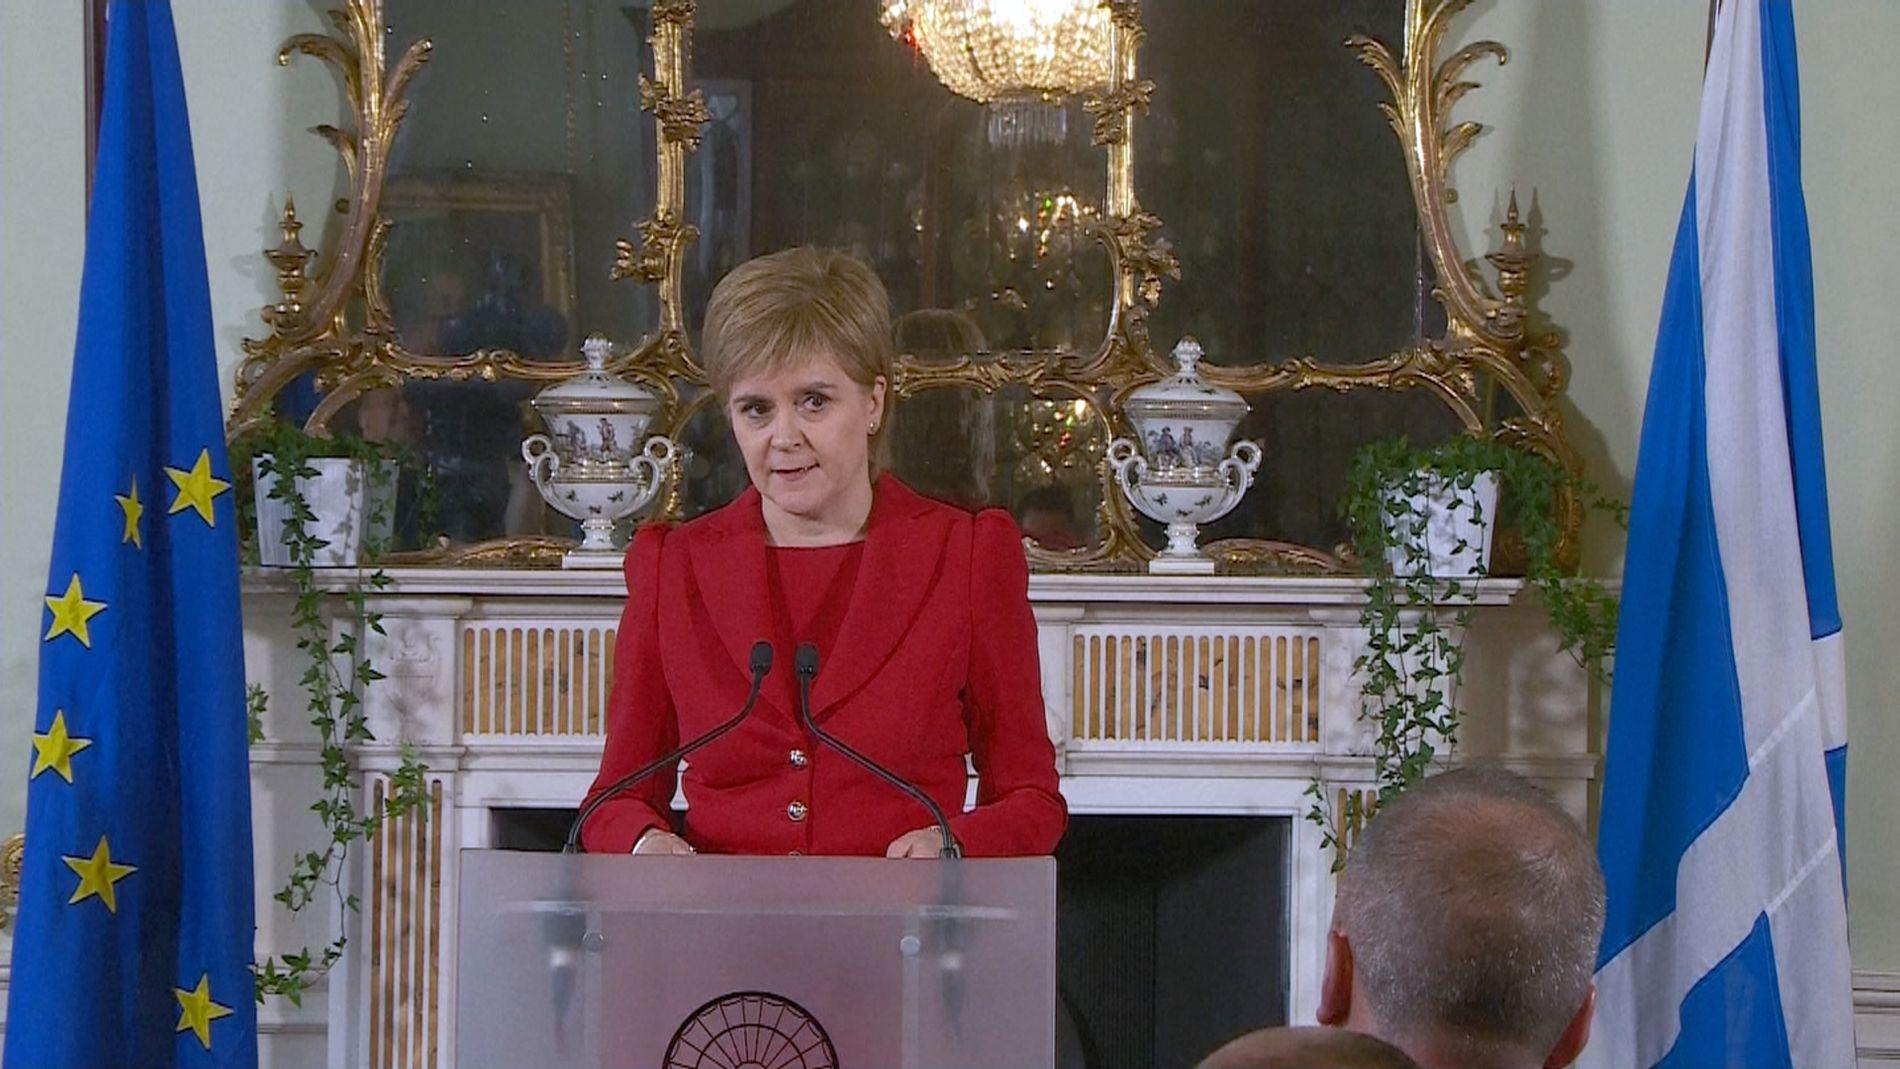 EU-TILHENGER: Skottlands regjeringssjef, Nicola Sturgeon, mener det er svært trolig at det vil bli avholdt en ny folkeavstemning om Skottlands uavhengighet.